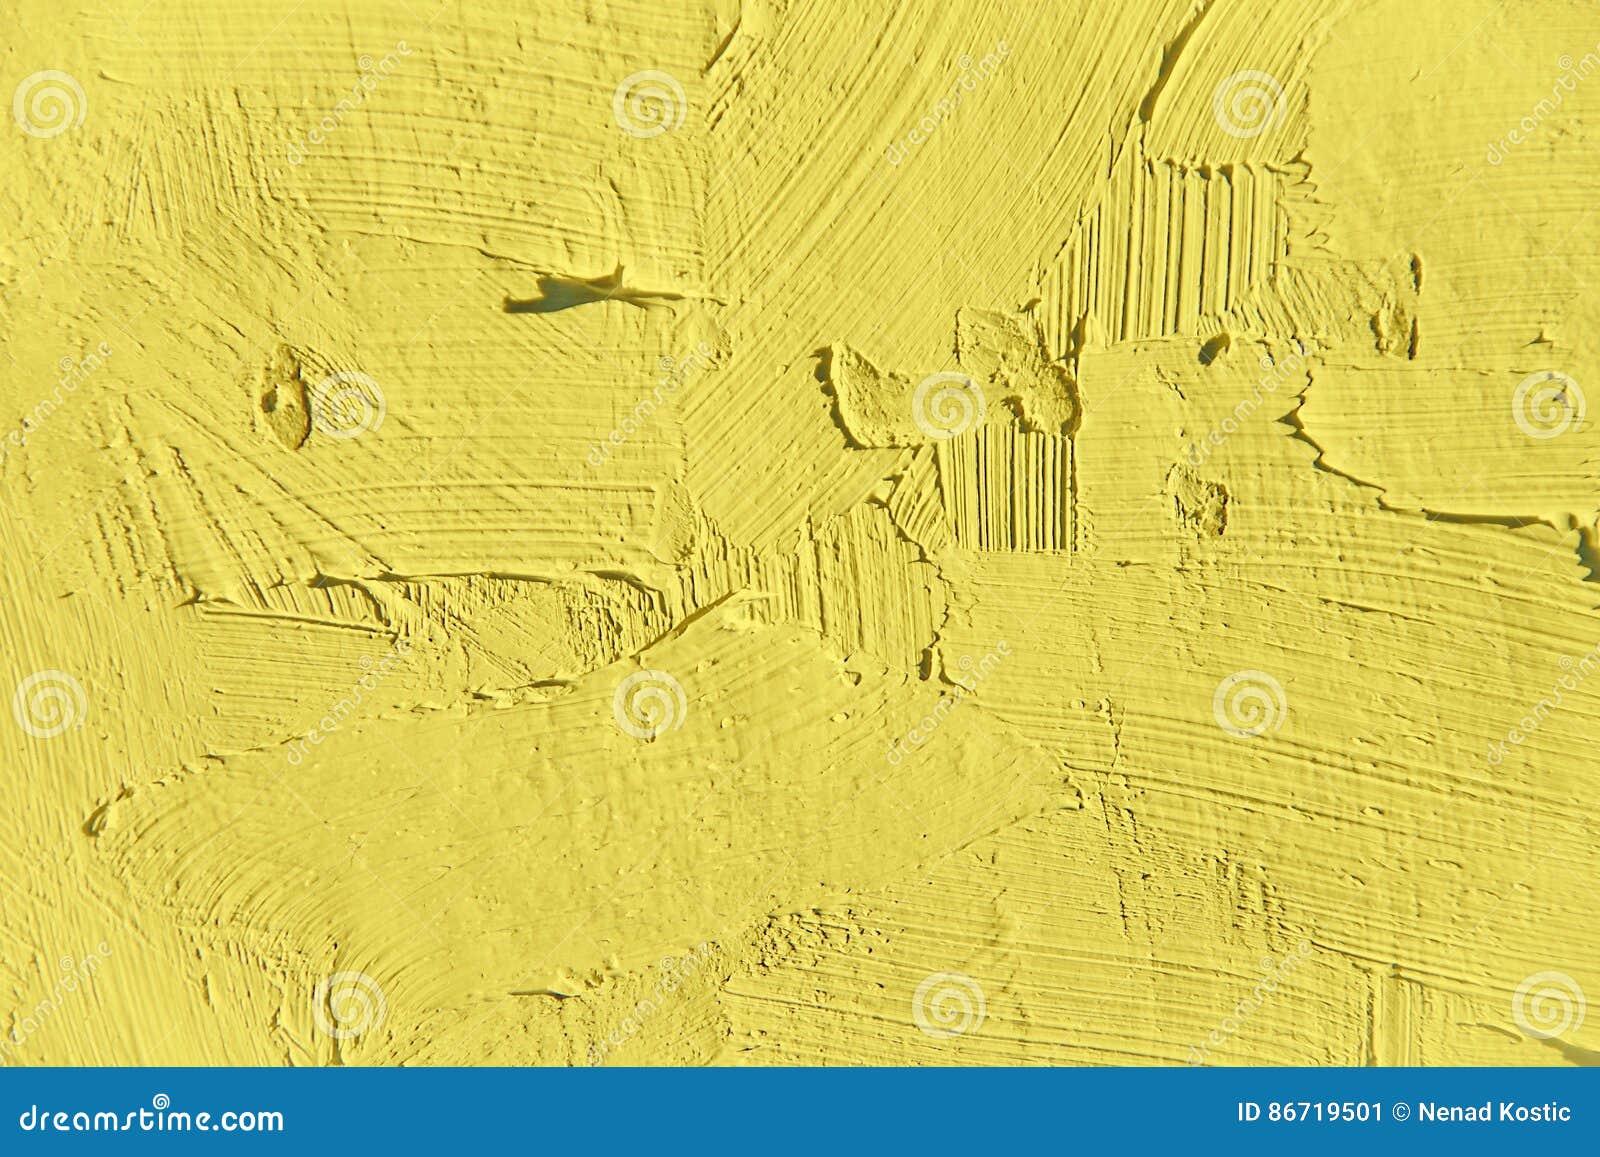 Painting closeup texture.Plain light yellow color